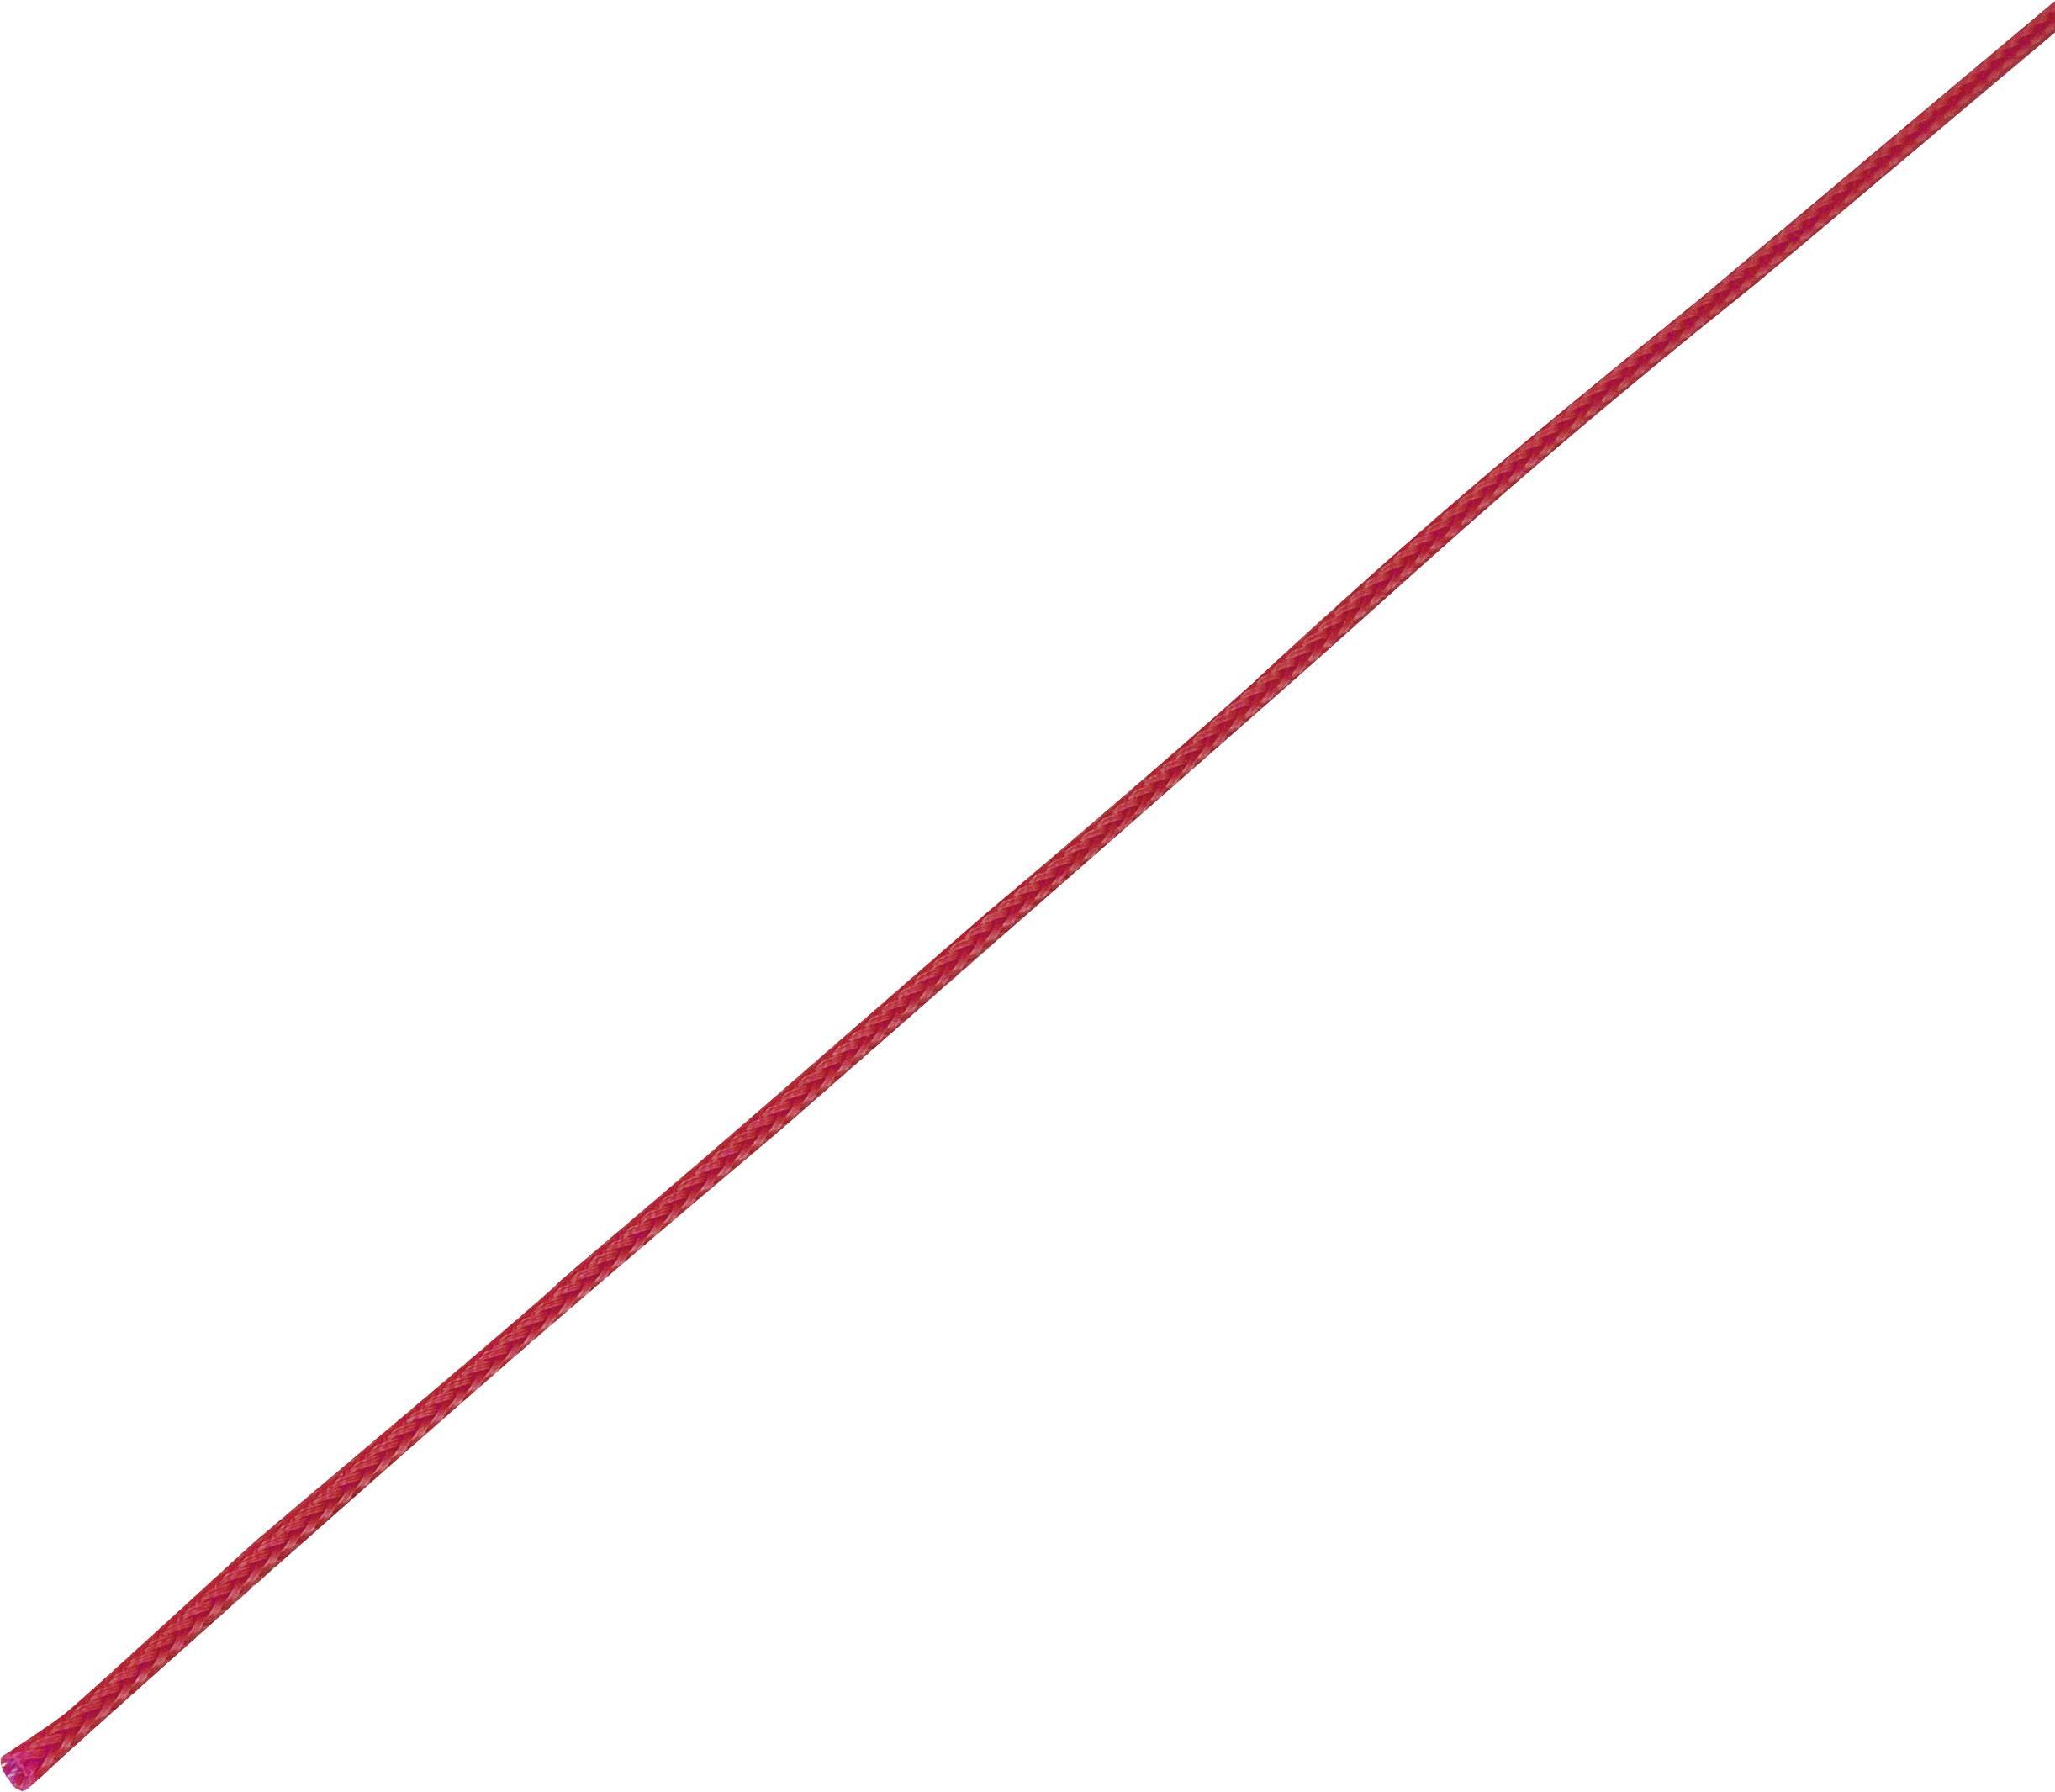 Ochranné opletenie CBBOX0307-RD Ø zväzku: 3 - 7 mm červená 10 m